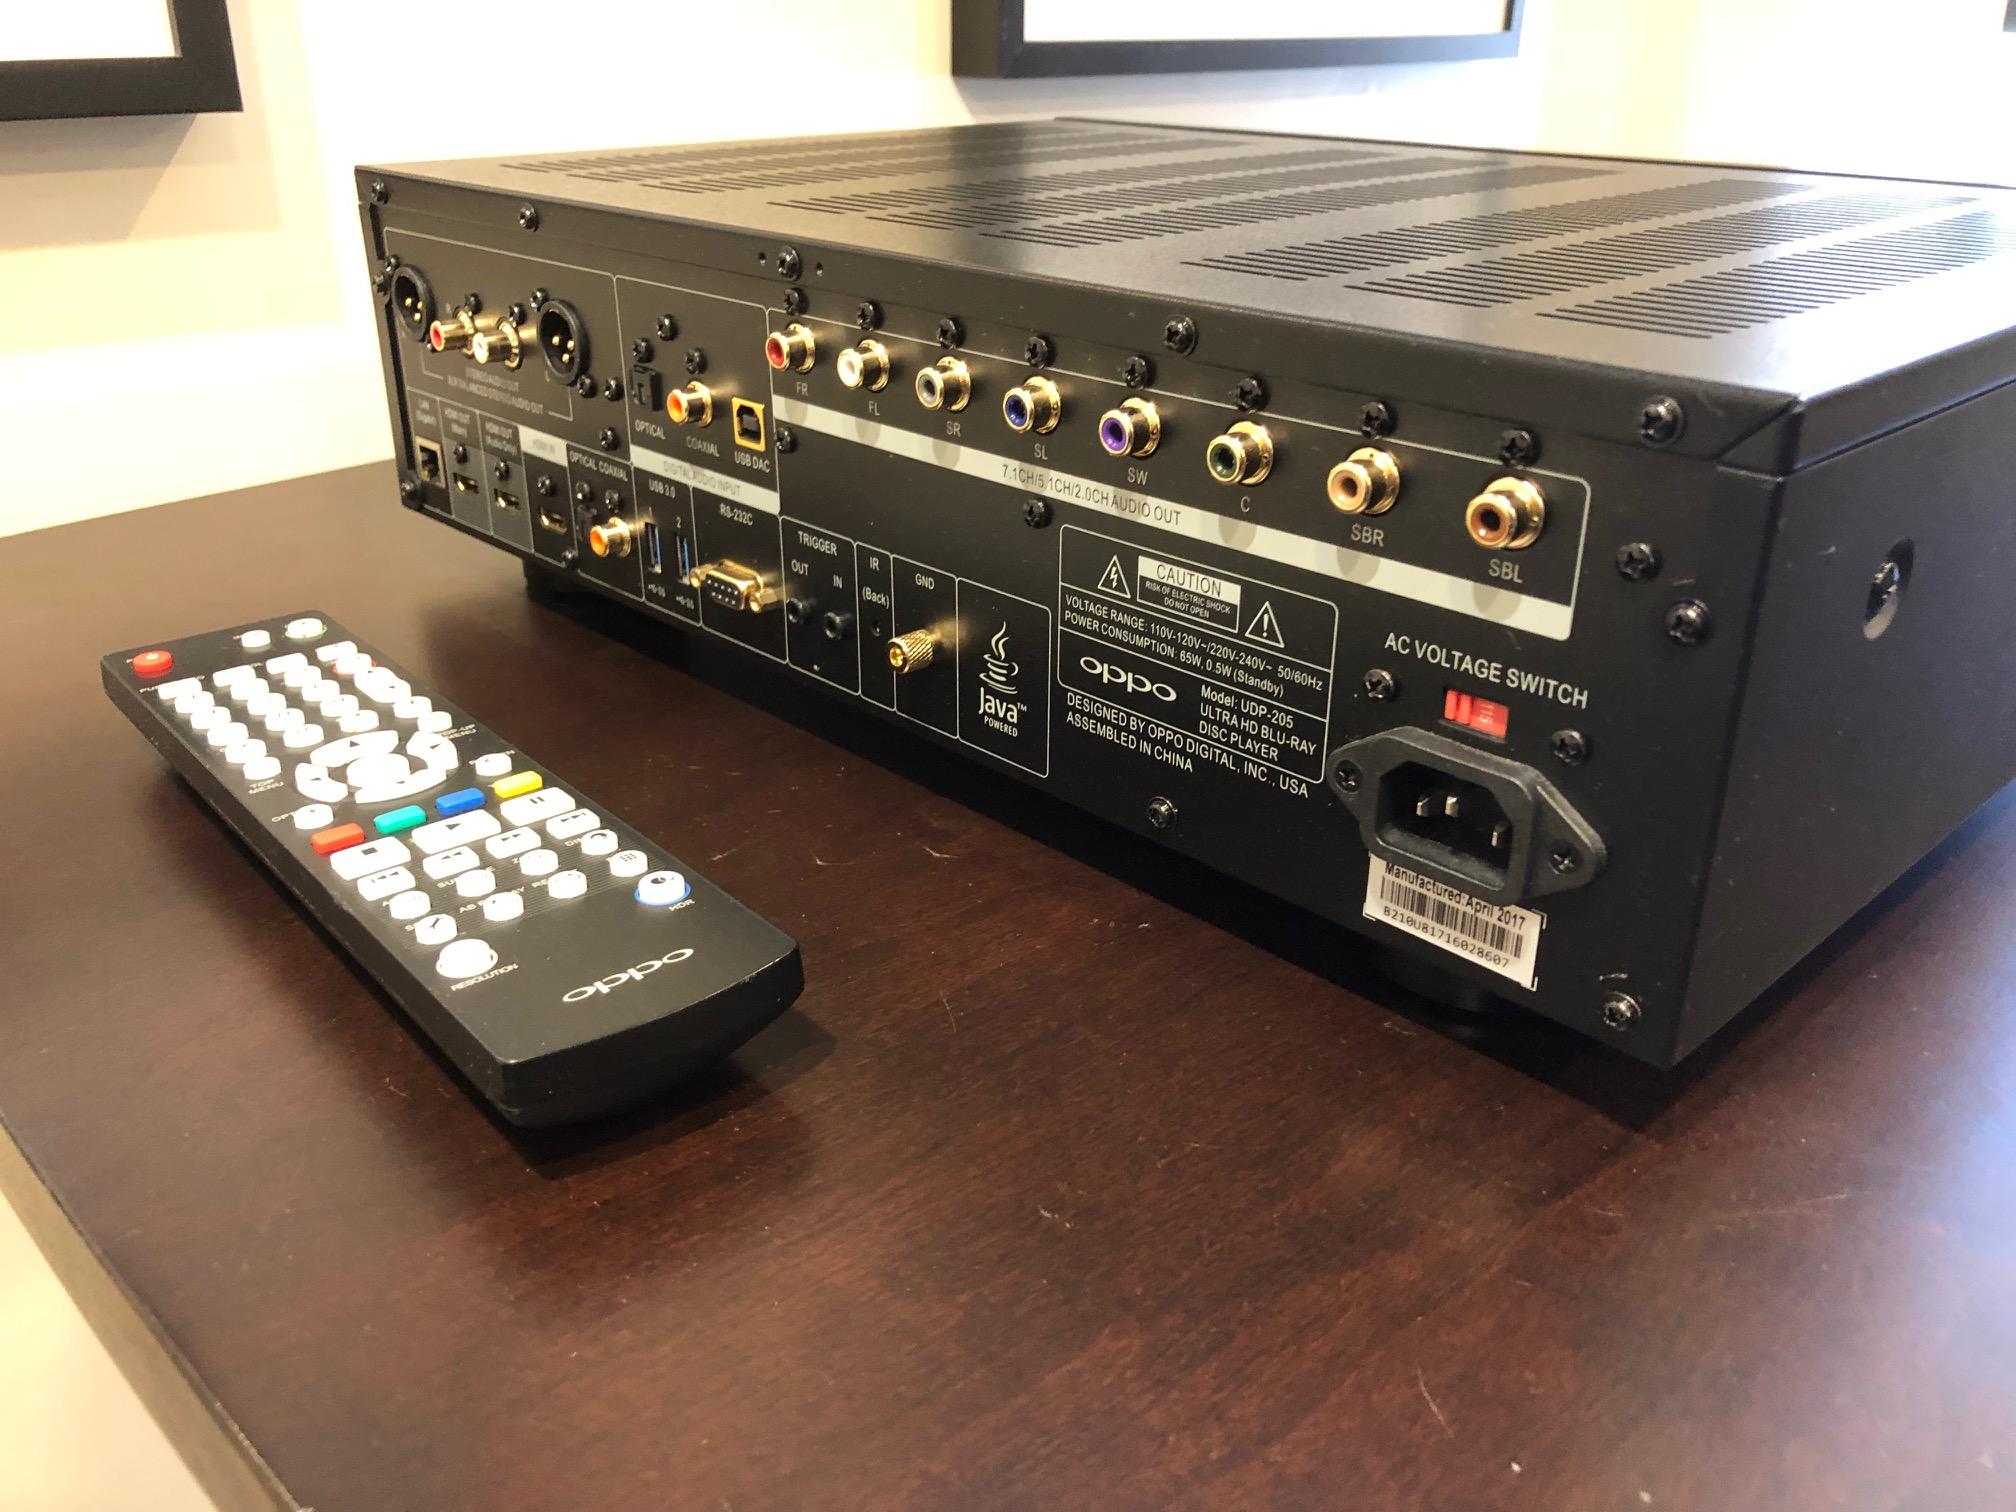 Oppo UDP-205 Blu-Ray Player/Media Streamer